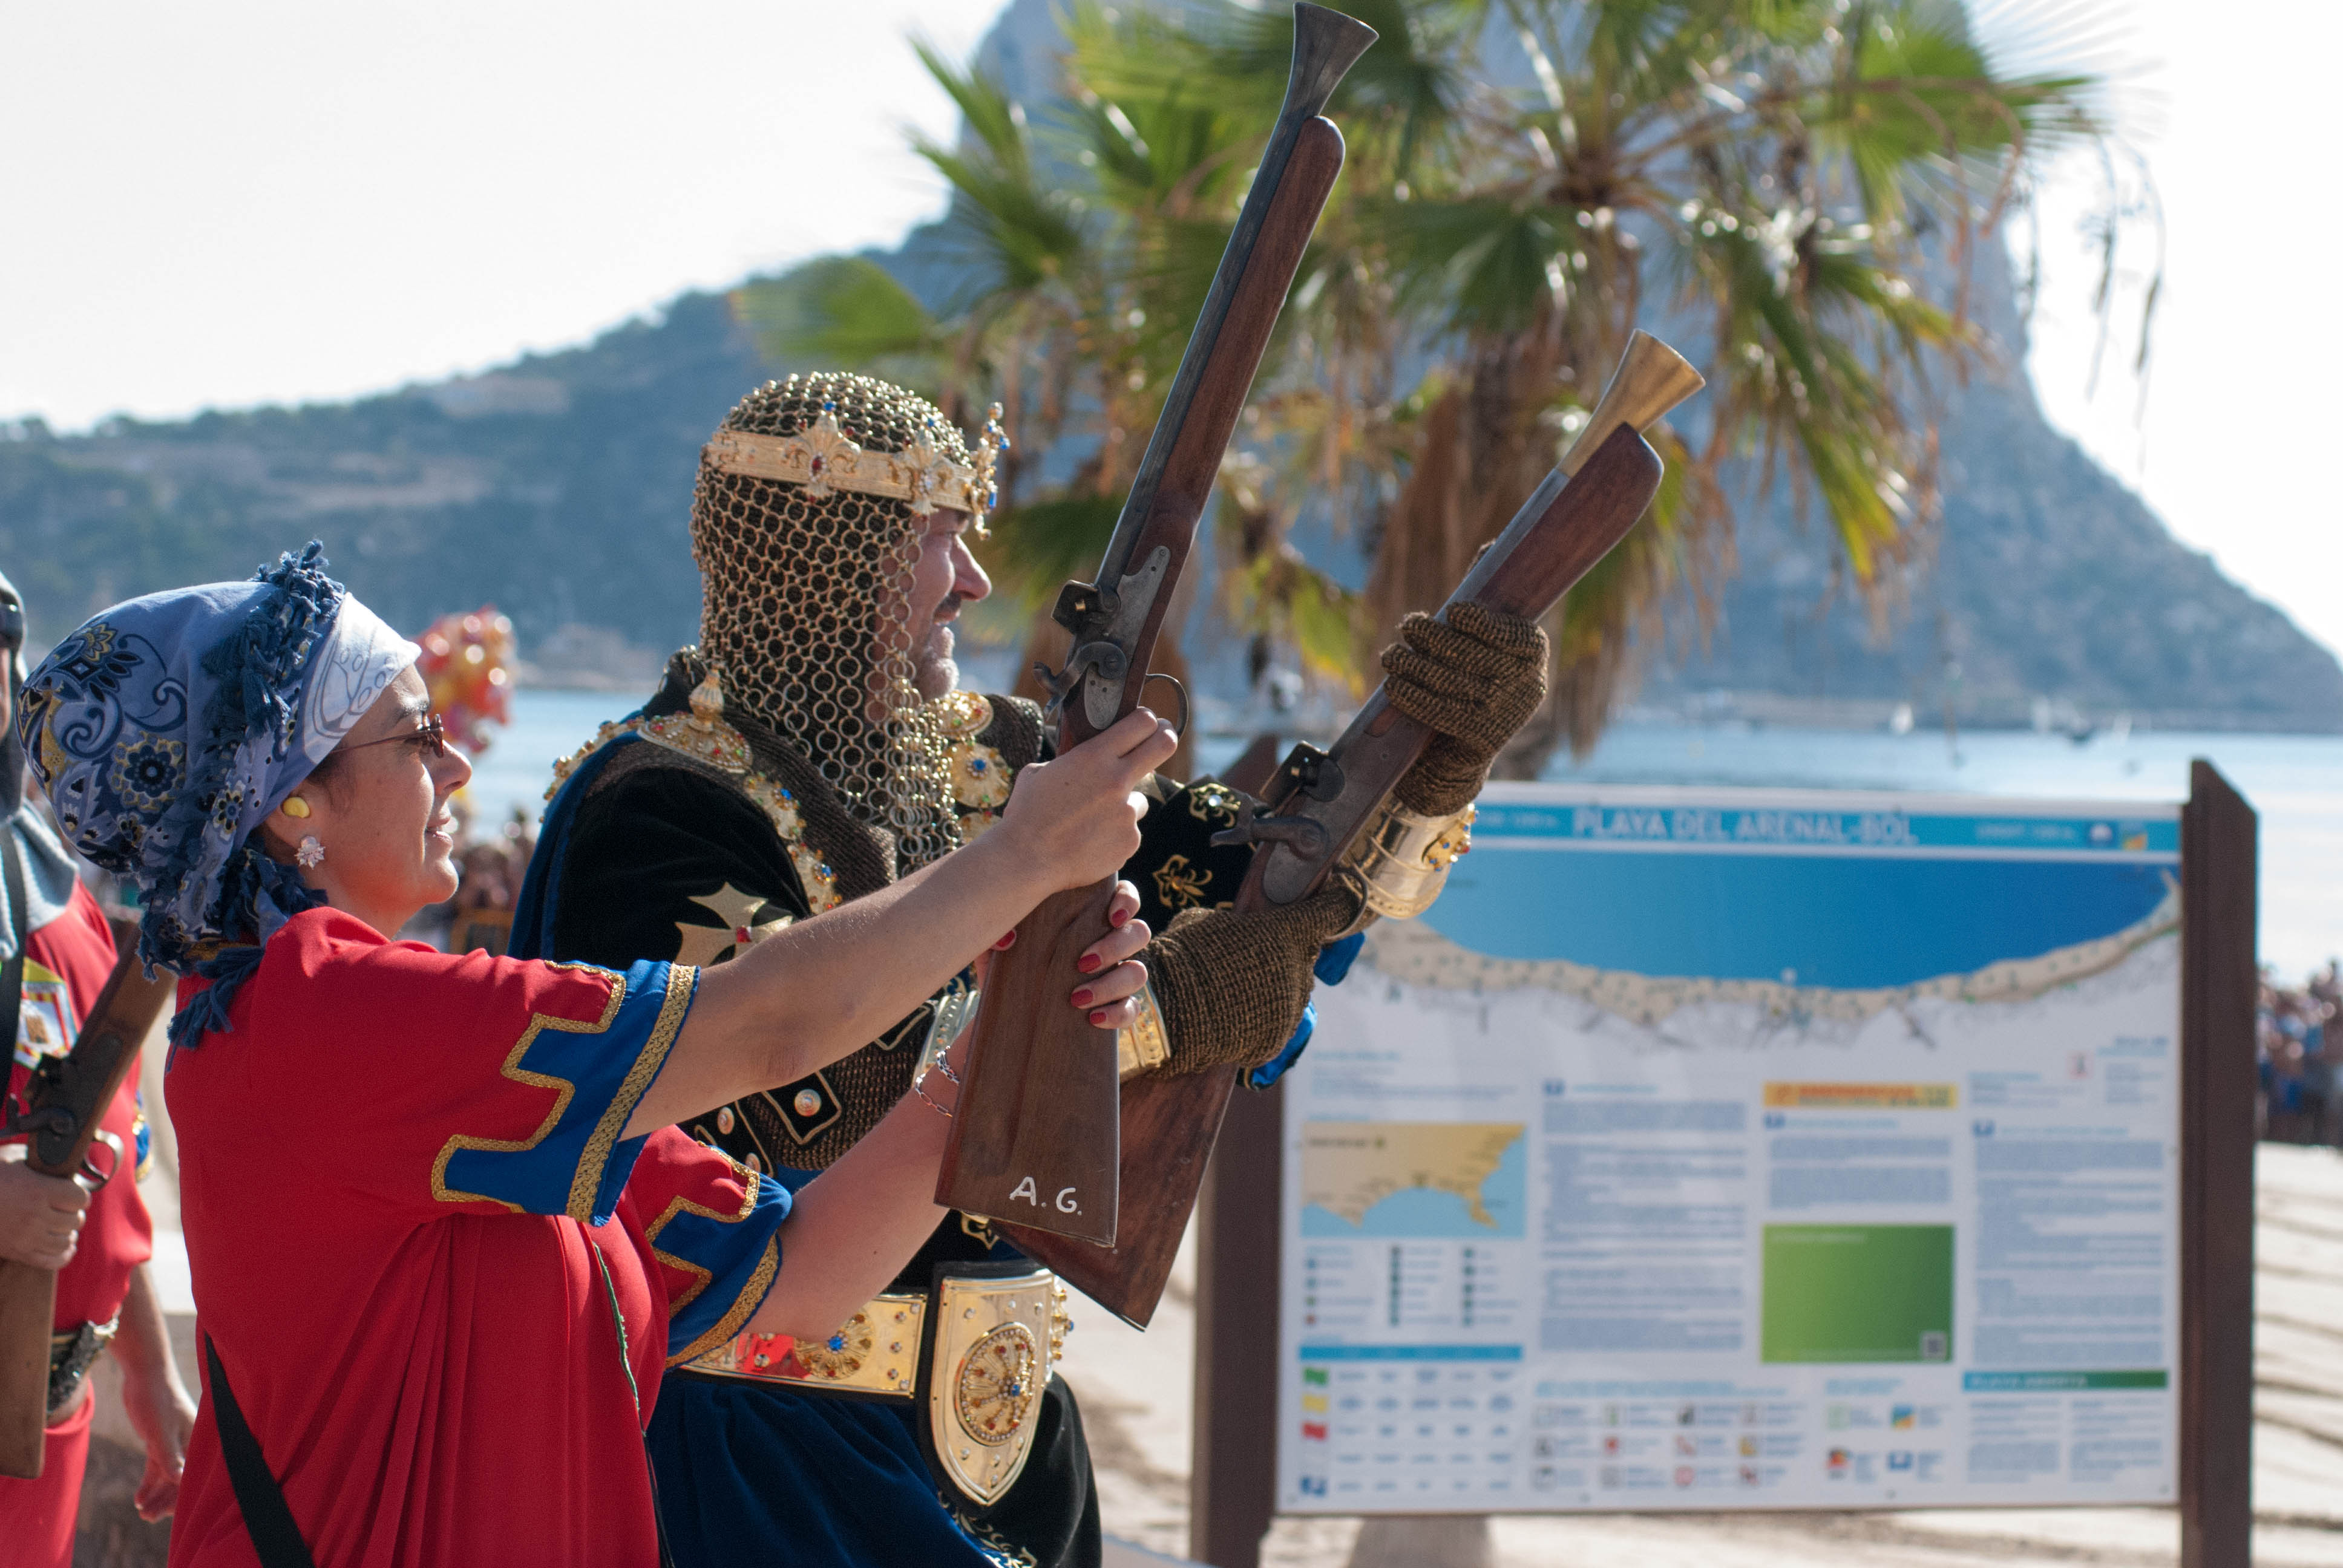 ¿Cómo se organiza una Capitanía en las fiestas de Calpe? …y 1001 GRACIAS!!!, Mario Schumacher Blog